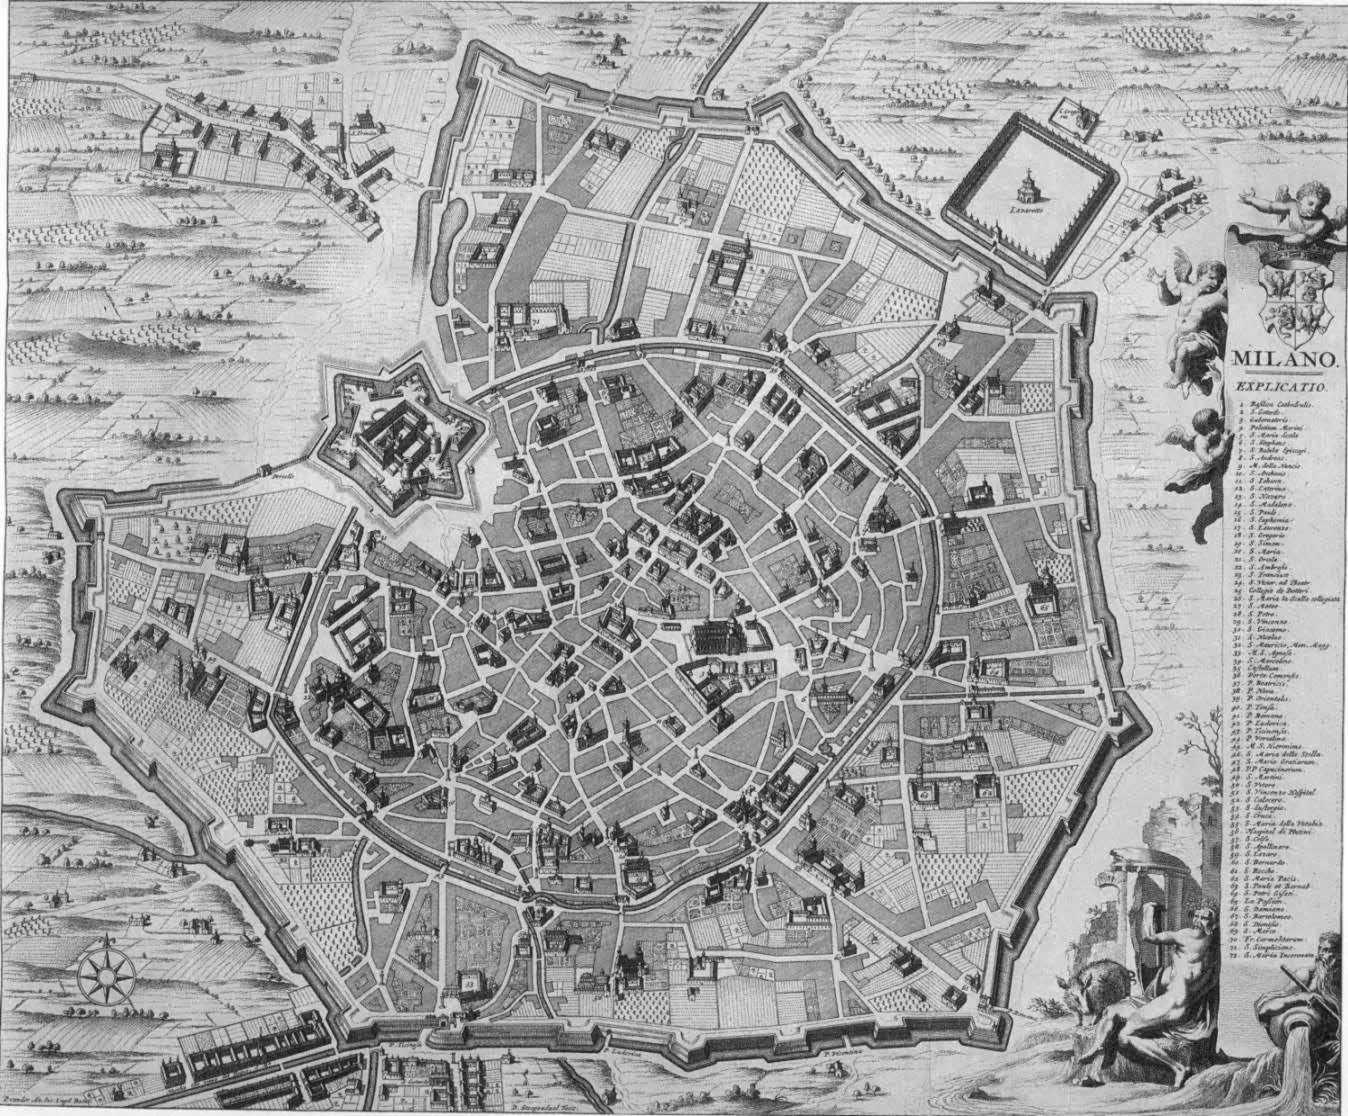 Storia di milano le mappe di milano for Interno delle piantagioni del sud